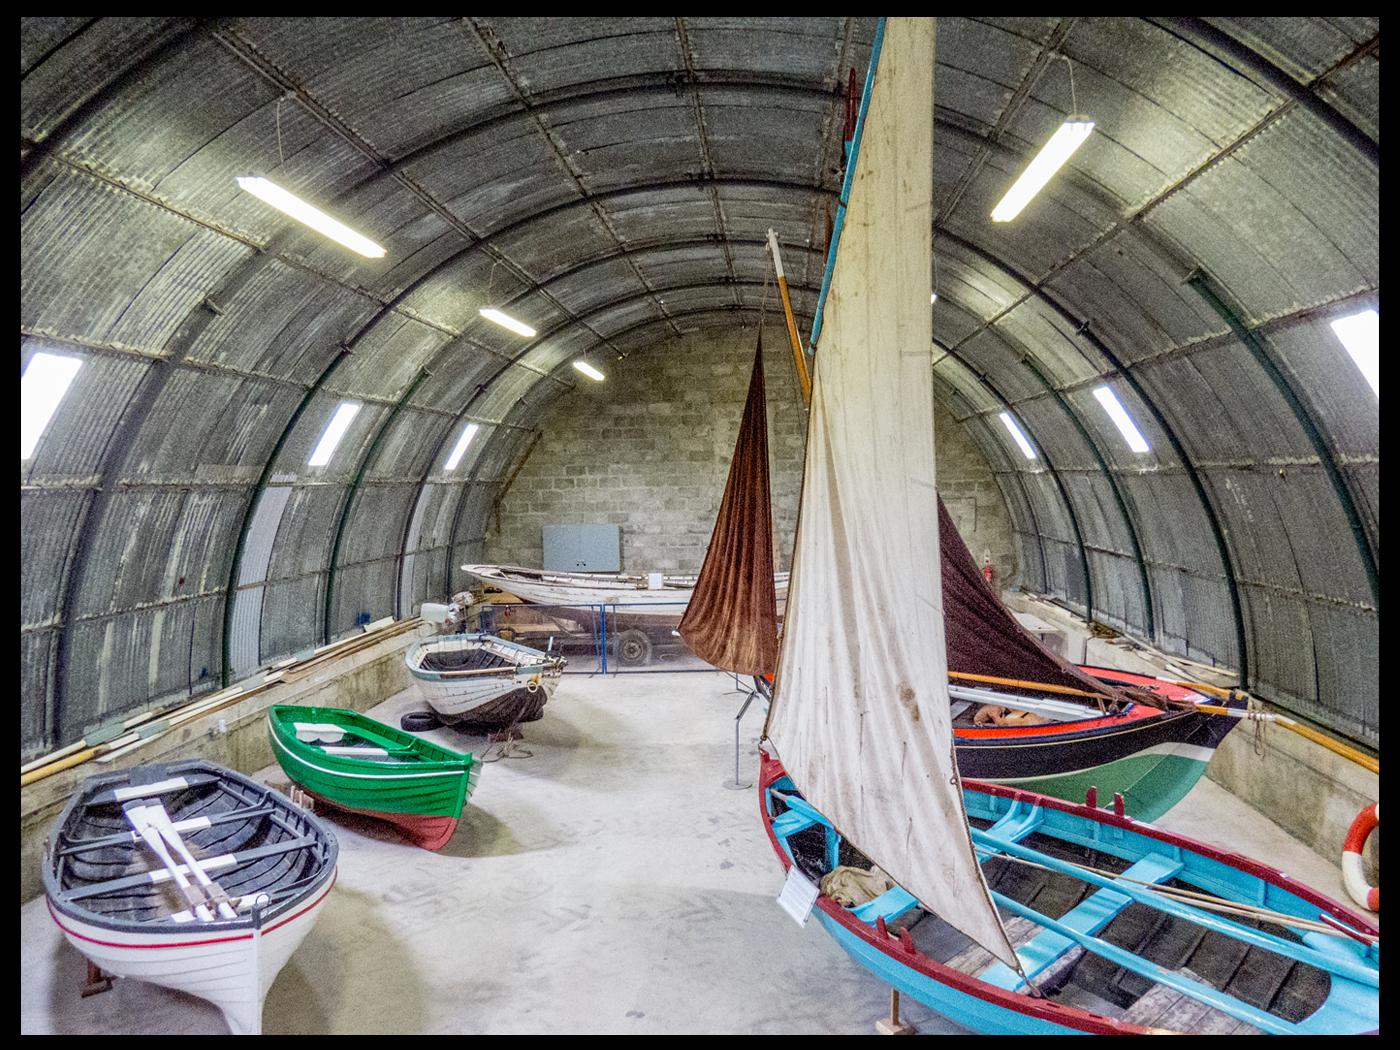 DPI 3 - Inside the boatshed - Wendy Graham